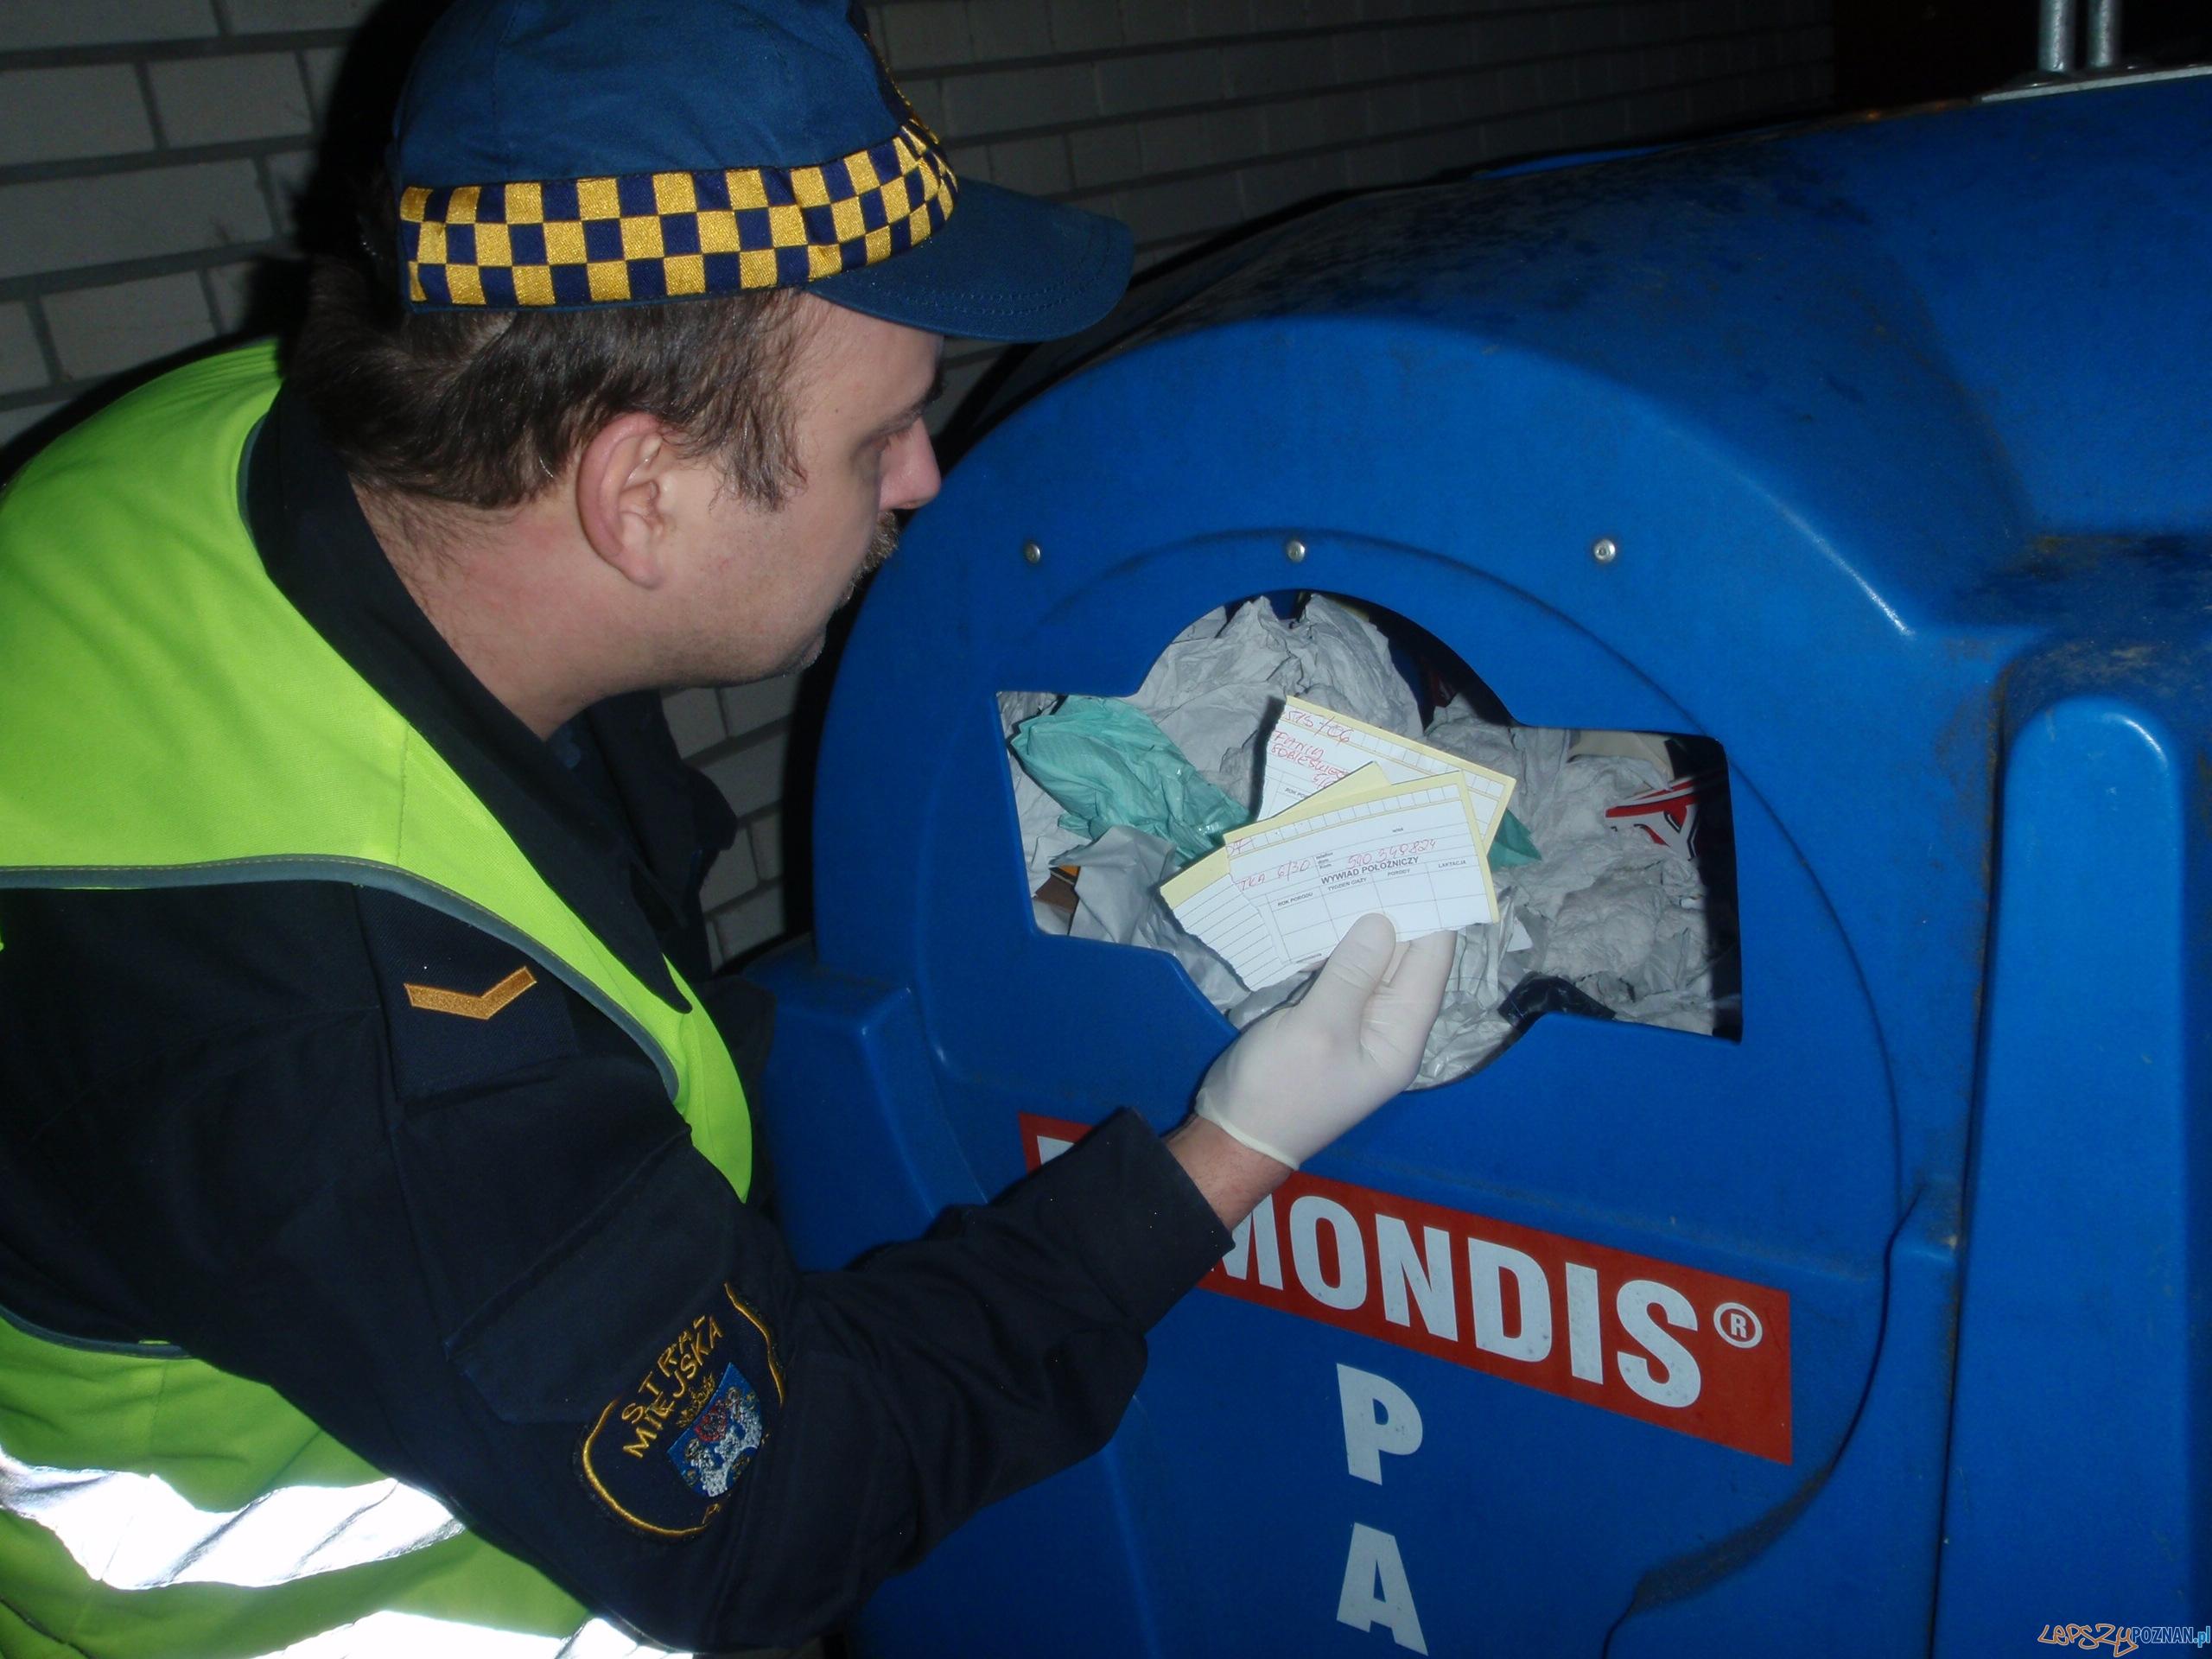 Dokumenty na śmietniku (Piątkowo)  Foto: Straż Miejska